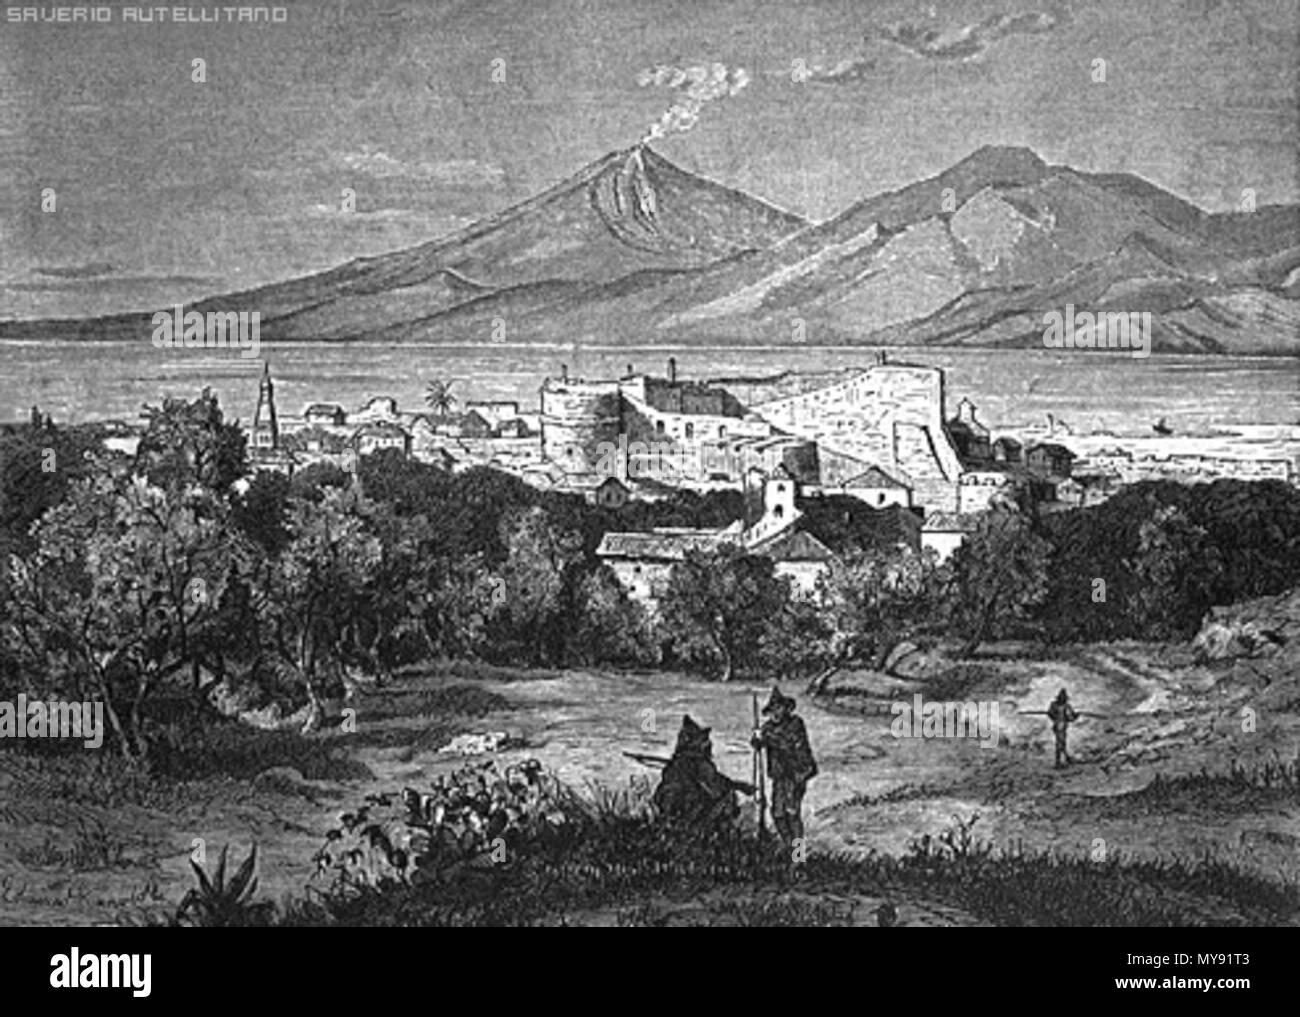 . old incision - Antica incisione raffigurante Reggio Calabria ed il suo castello con il vulcano Etna sullo sfondo. modern era. Unknown 448 Reggio calabria incisione castello etna - Stock Image